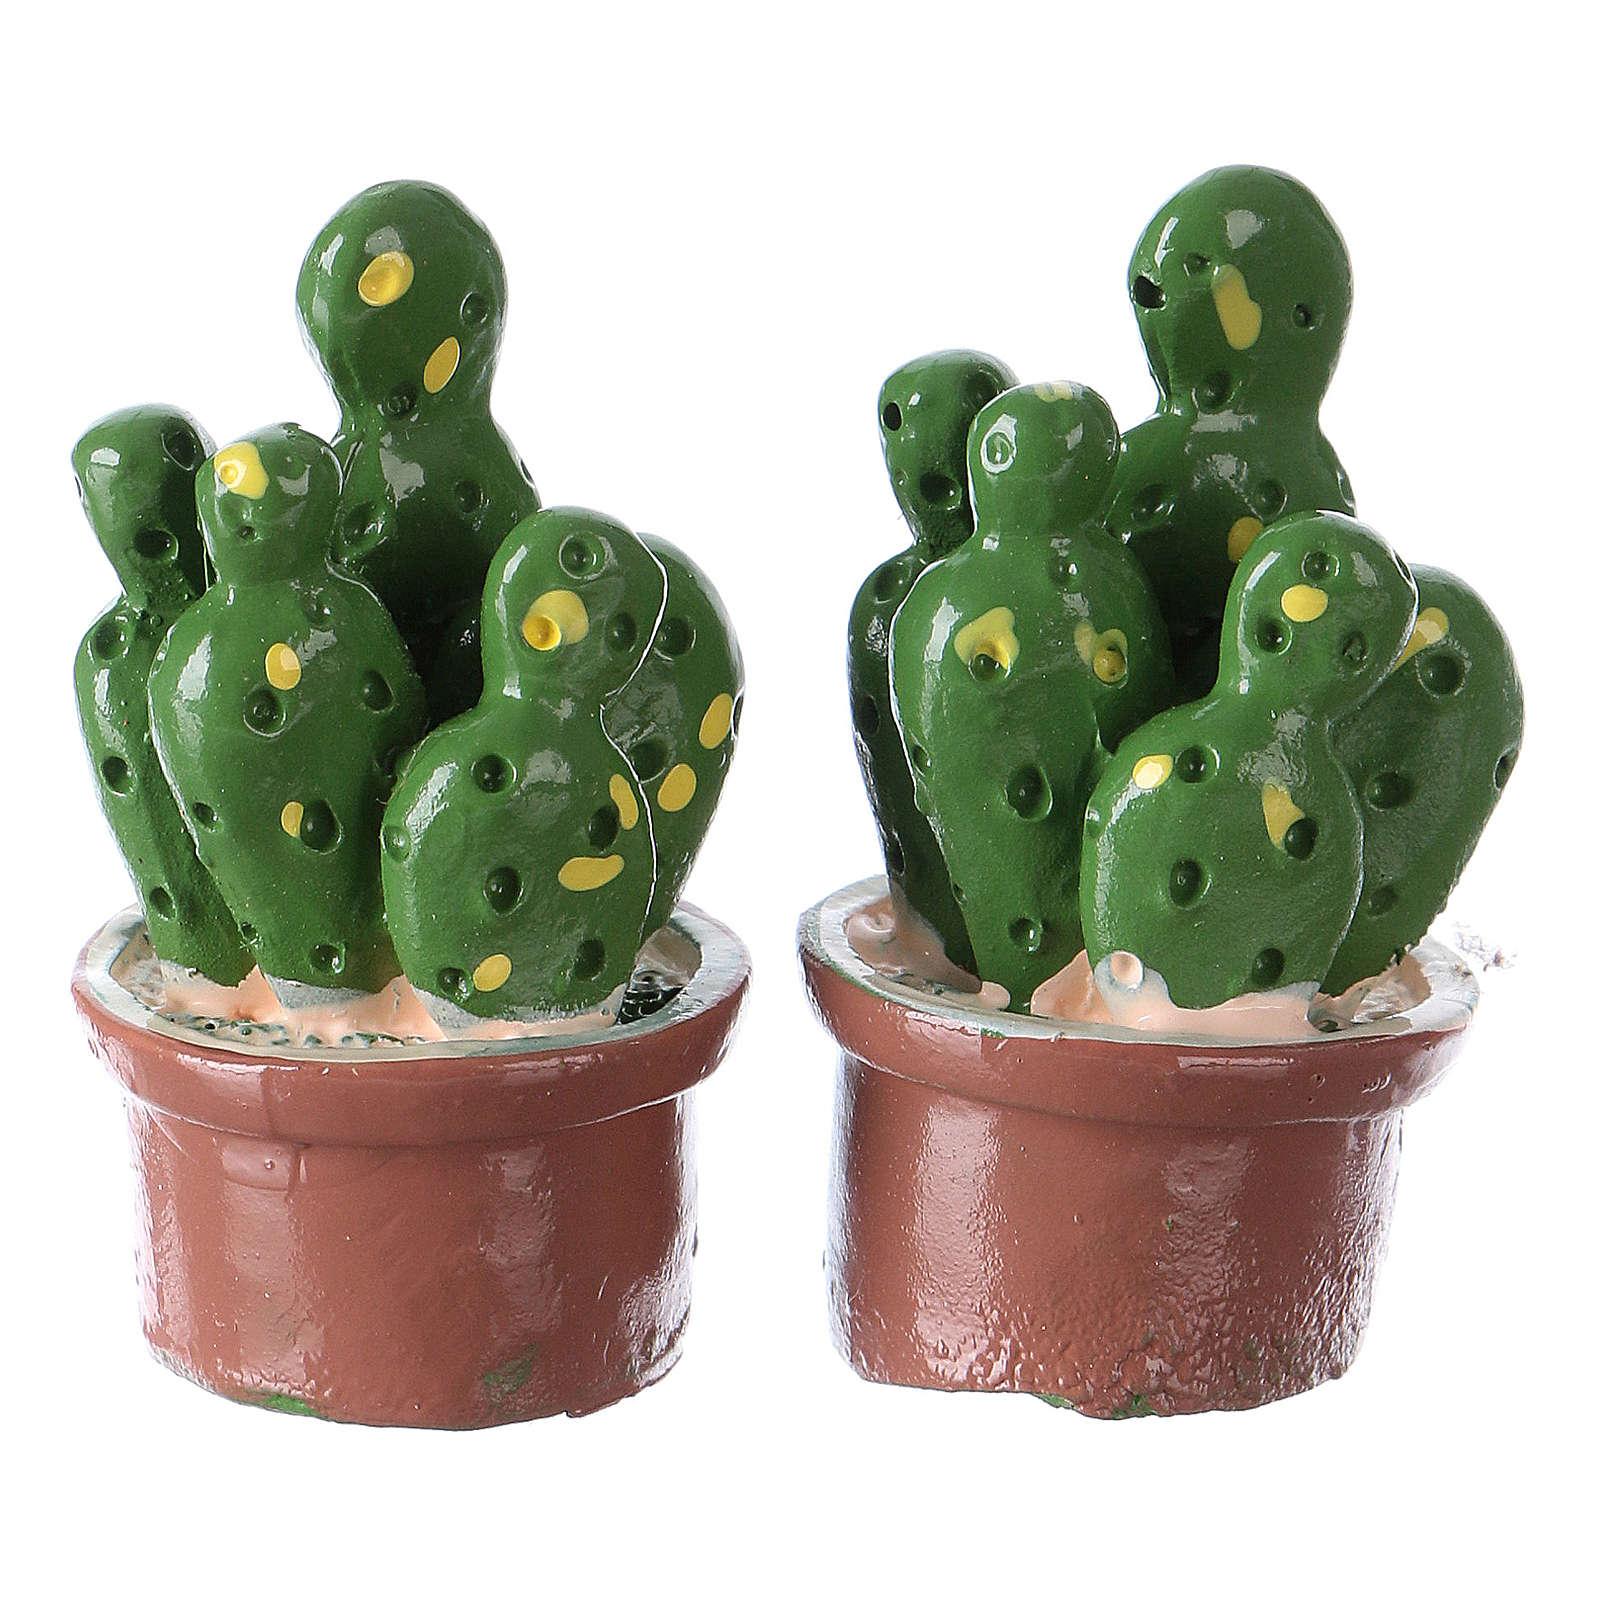 Conjunto 2 vasos com planta 3x2x2 cm resina para presépio 4